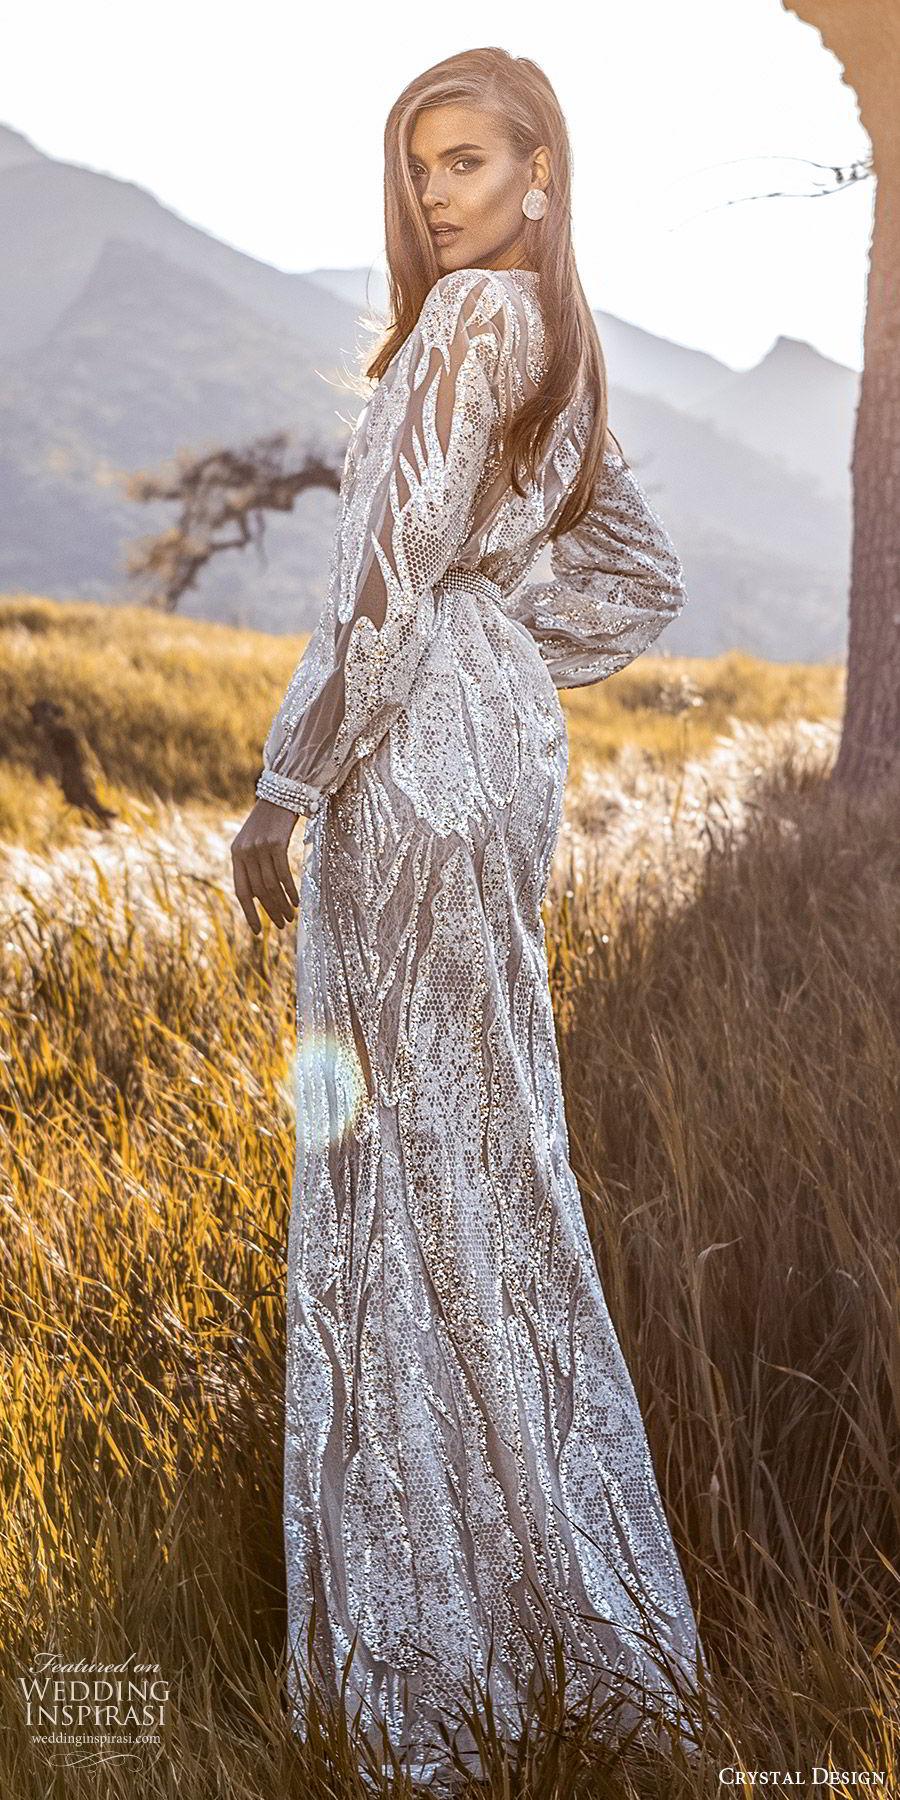 crystal design 2020 couture bridal long sleeves surplice v neckline fully embellished sheath wedding dress (3) glam elegant slit skirt sweep train beaded belt bv